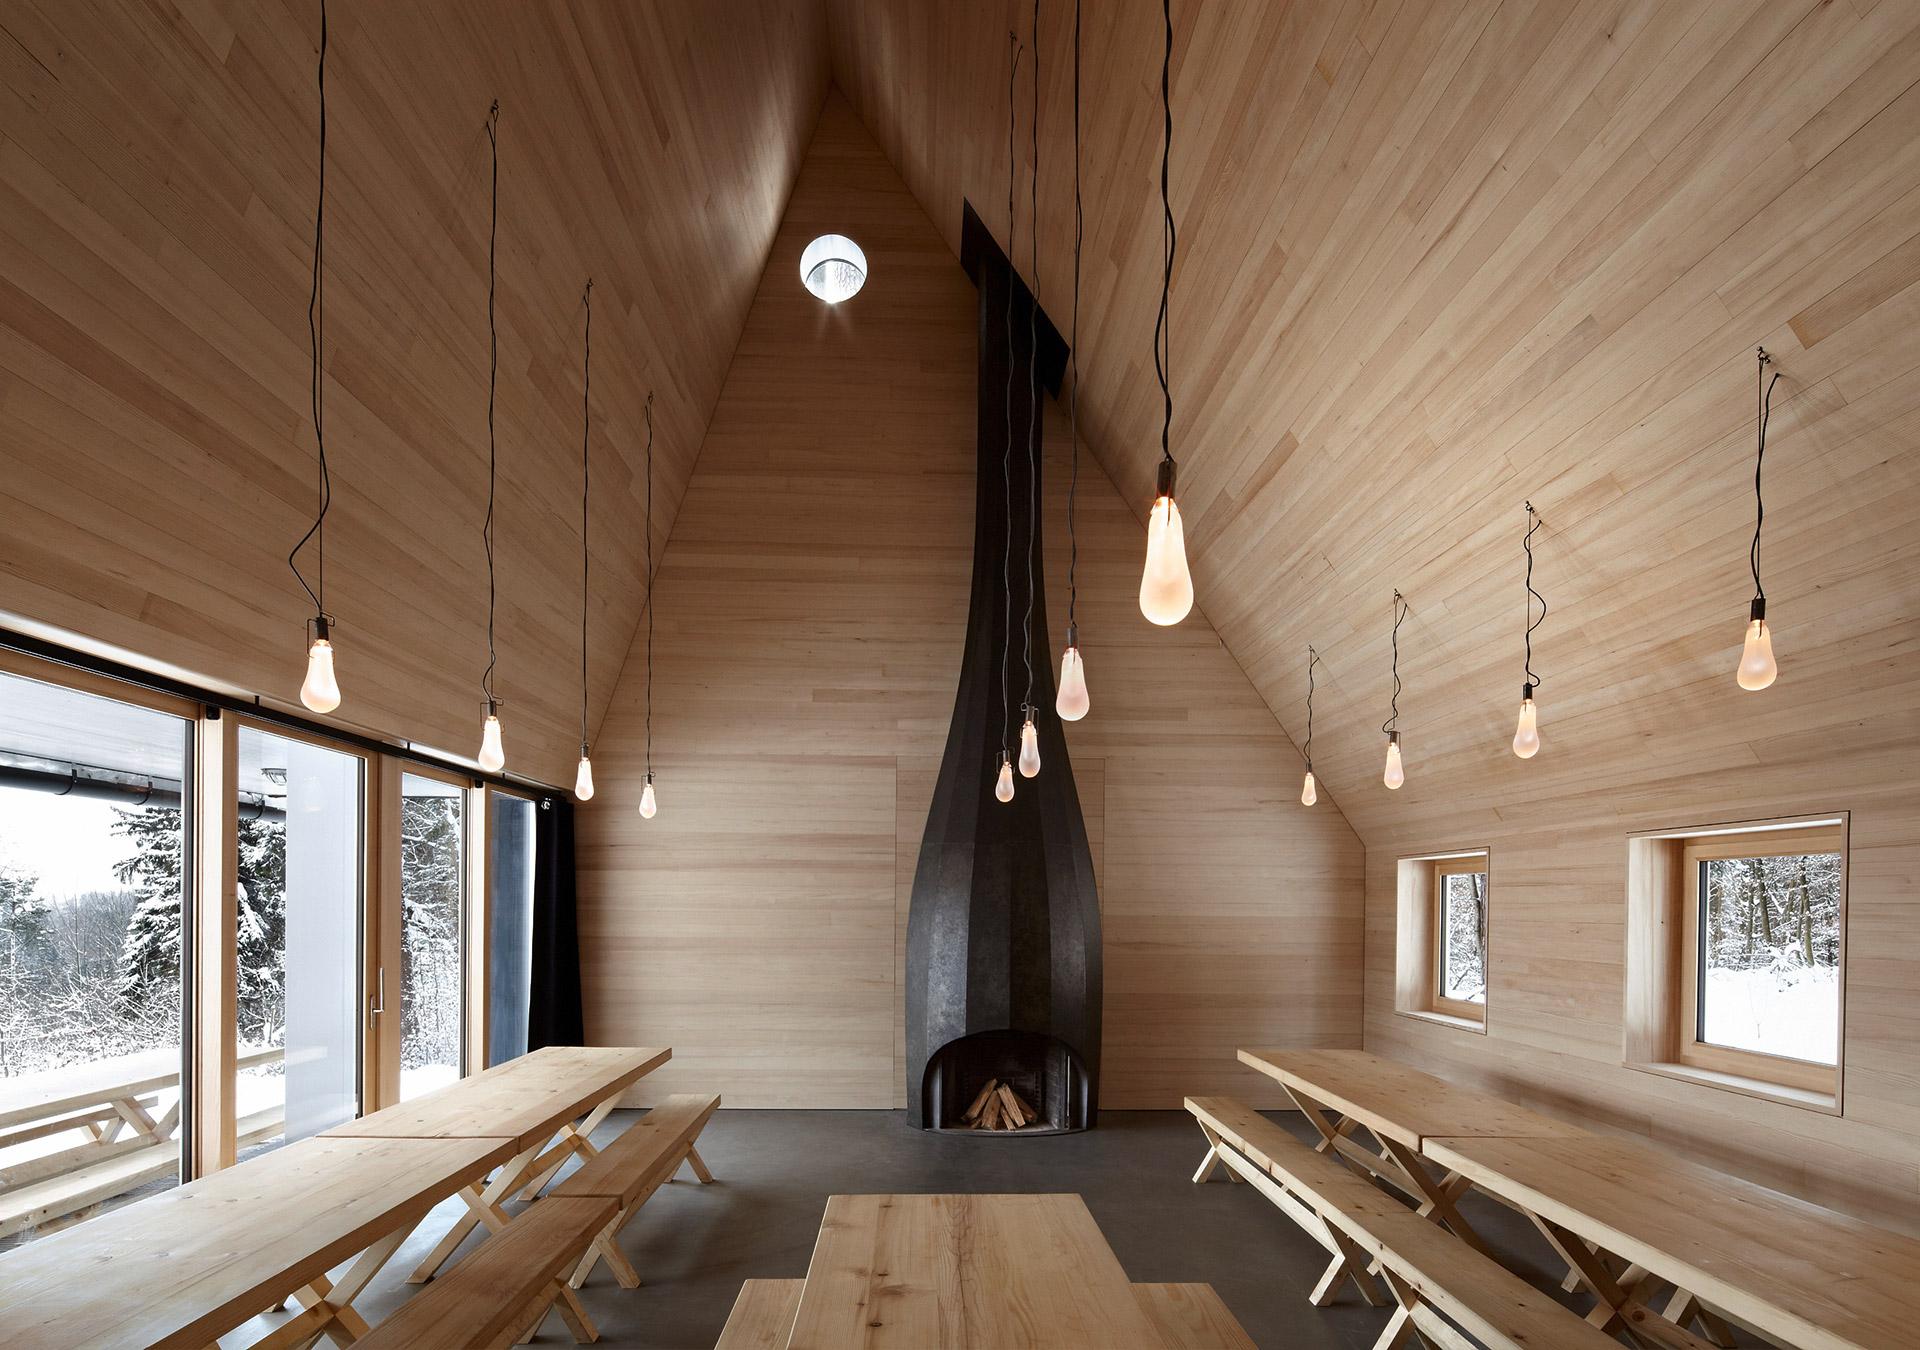 Holzbau innen  schaerholzbau ag | 11.0060 Ein Haus unter Bäumen Forsthütte Chopfholz